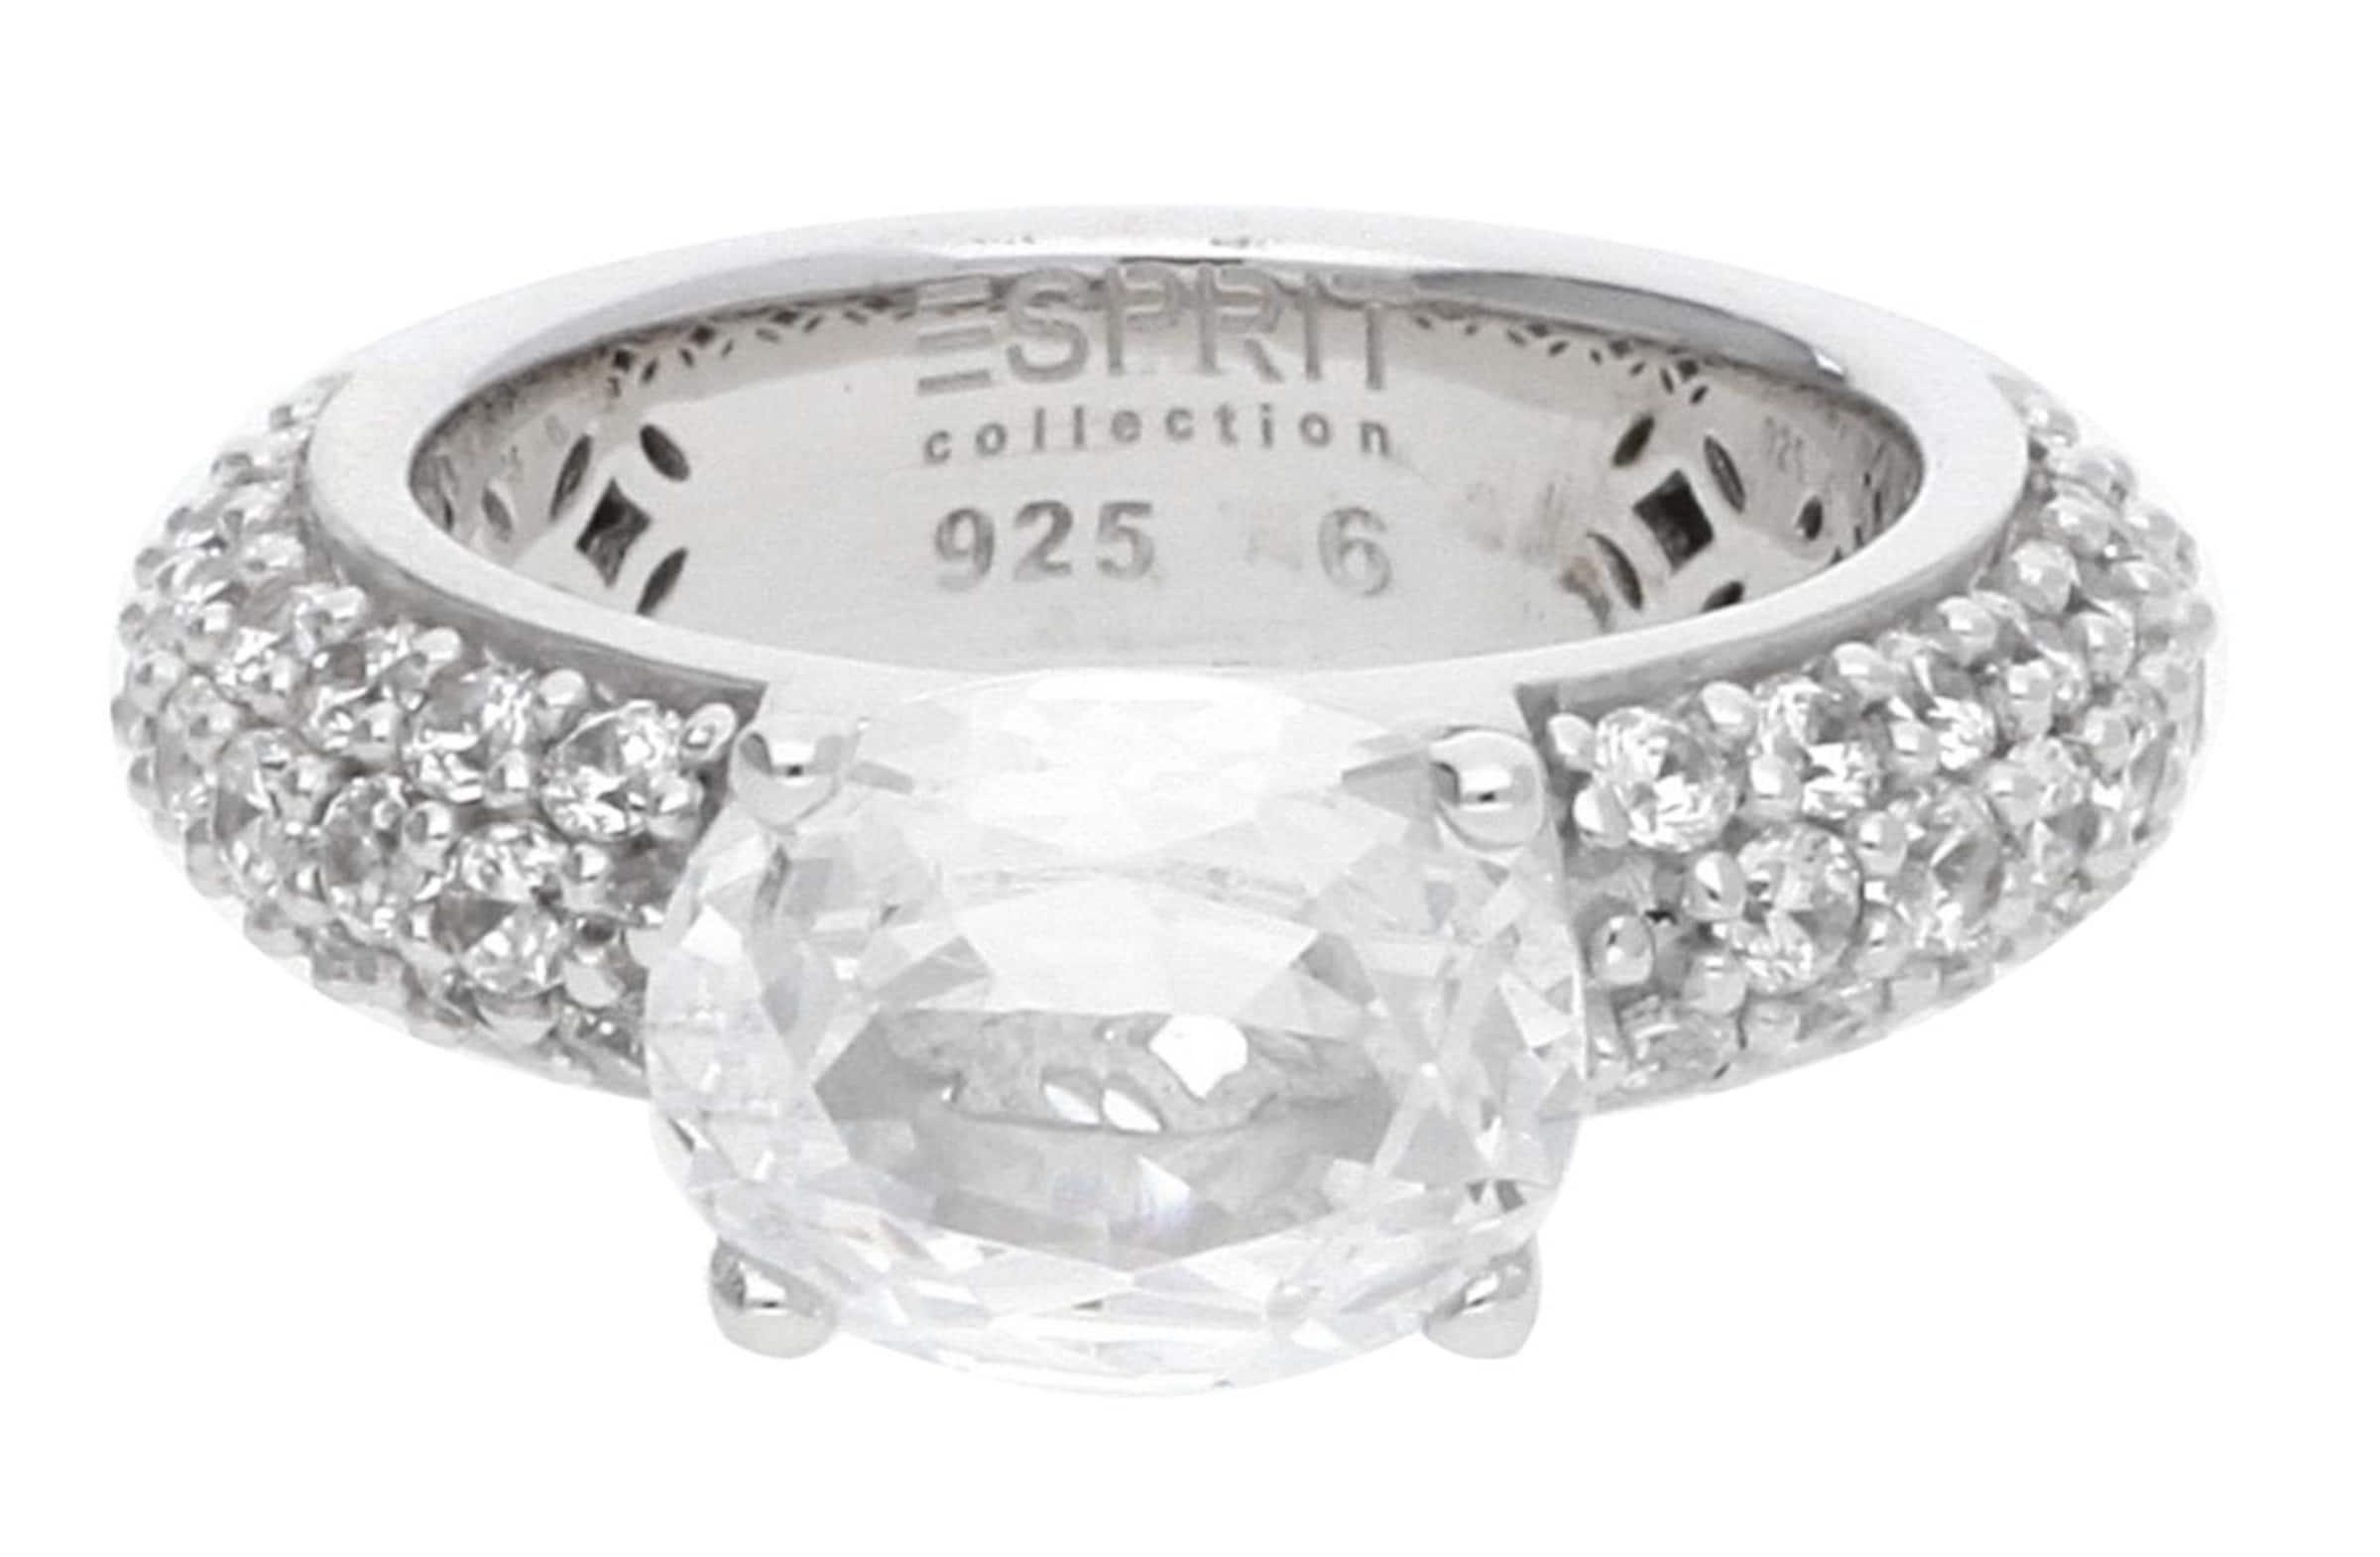 ESPRIT Fingerring Amorbess mit Zirkonia-Steinbesatz ELRG91652A Billig Verkauf Beliebt cTrSIwAjR